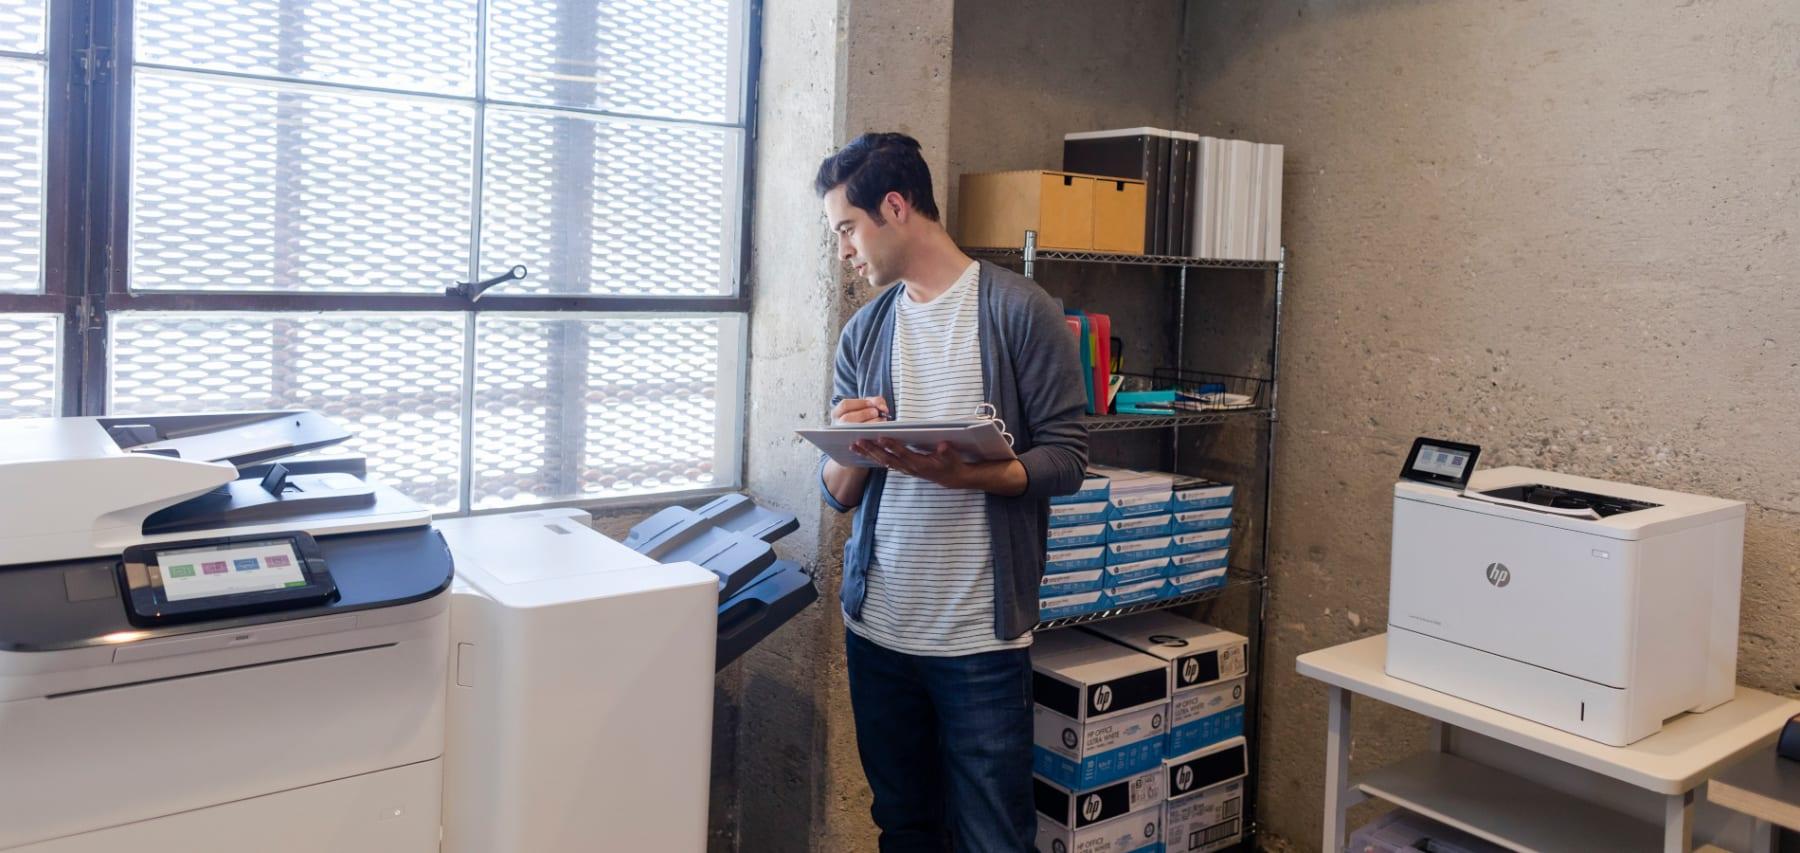 Multifunktionsdrucker leasen - mehr als eine Alternative